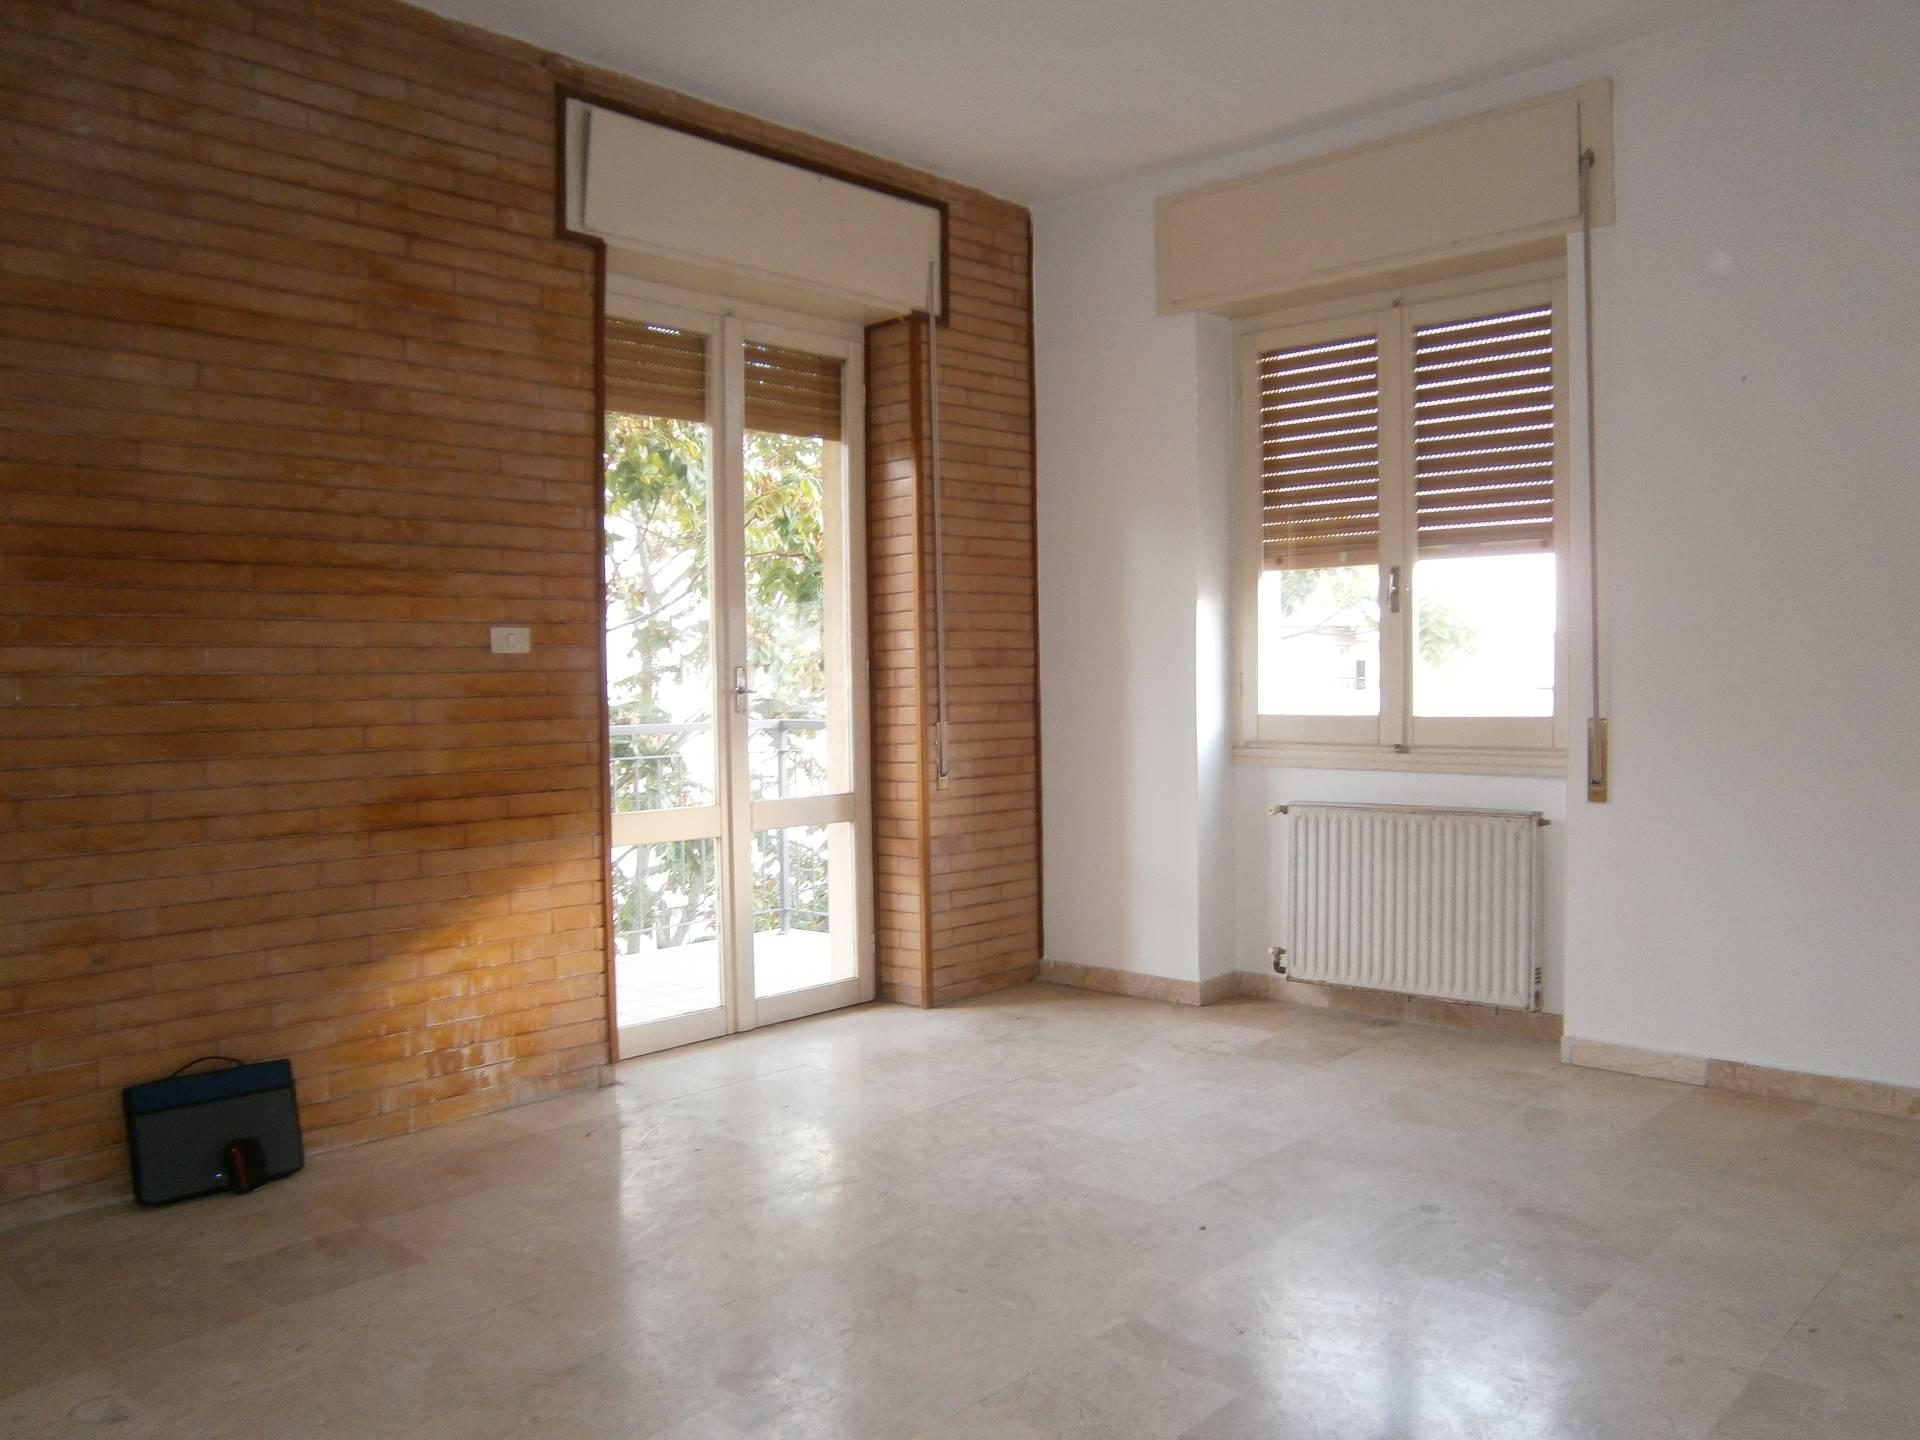 Appartamento in affitto a Cagliari, 5 locali, zona Località: QuartieredelSole, prezzo € 840 | Cambio Casa.it